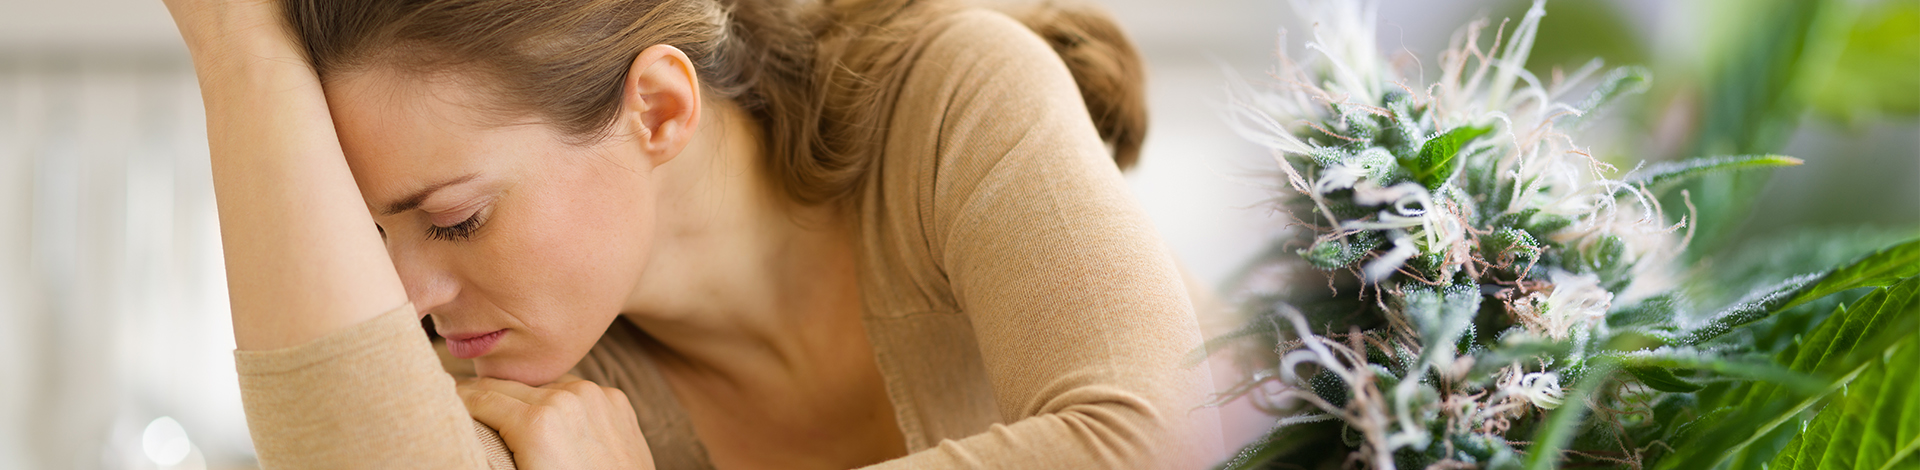 CBD for Depression: Medical Benefits, Studies, and Dosage